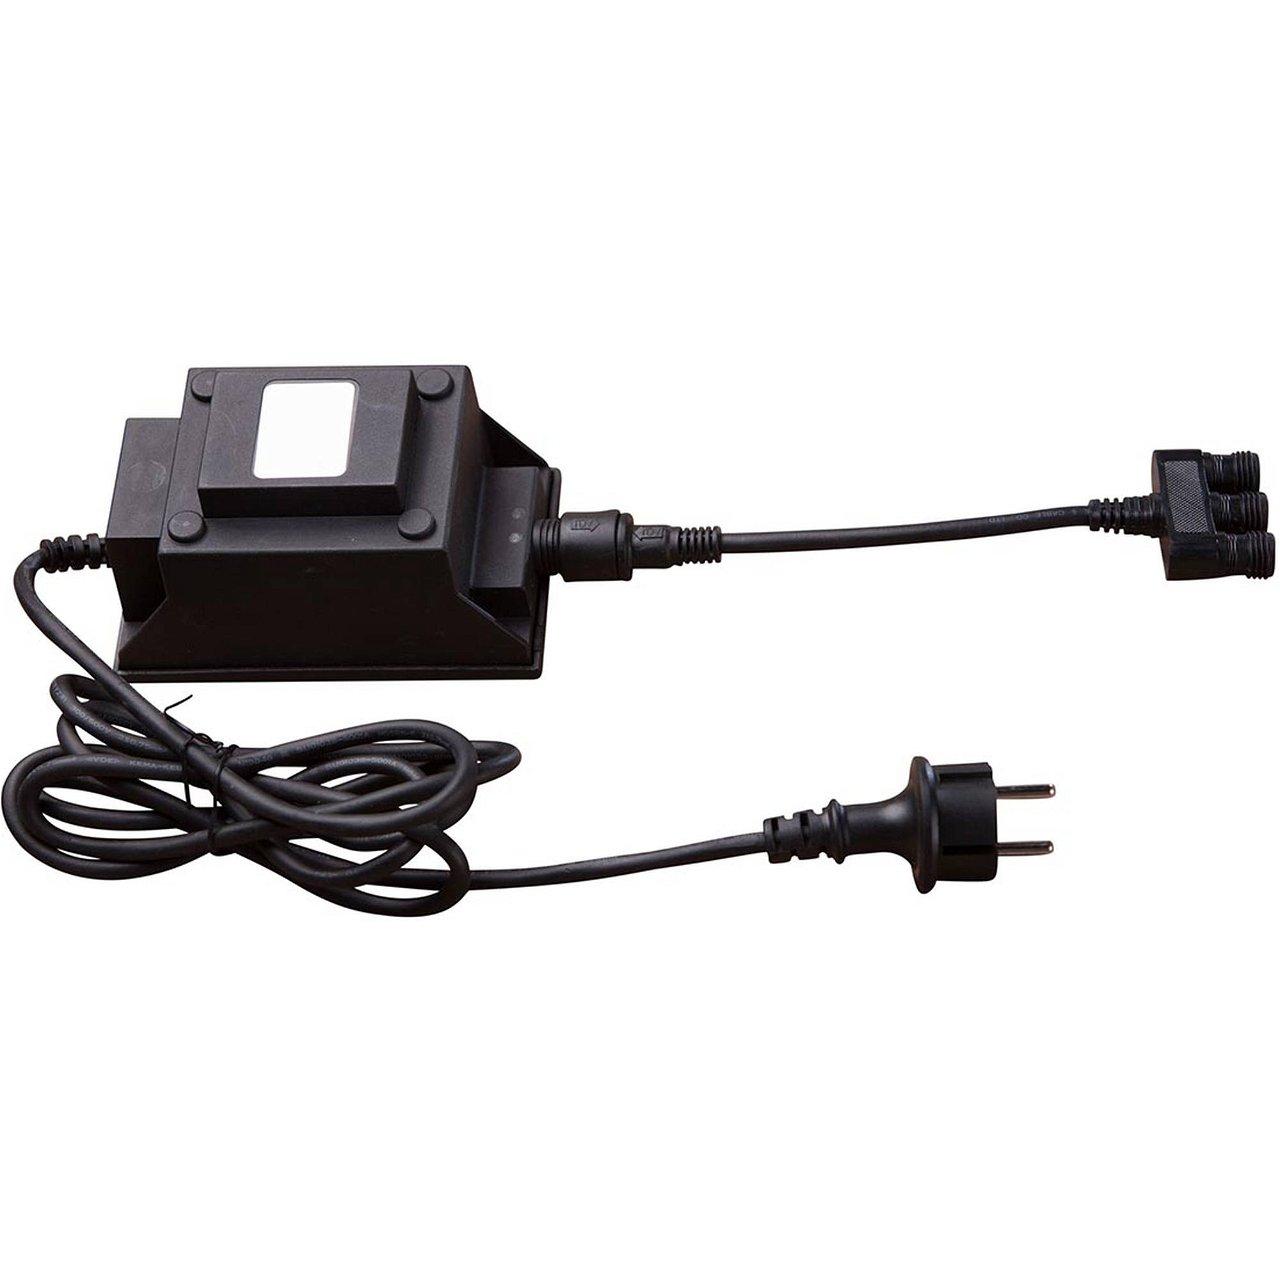 Heissner L514-00 Smart Light Trafo 105 Watt